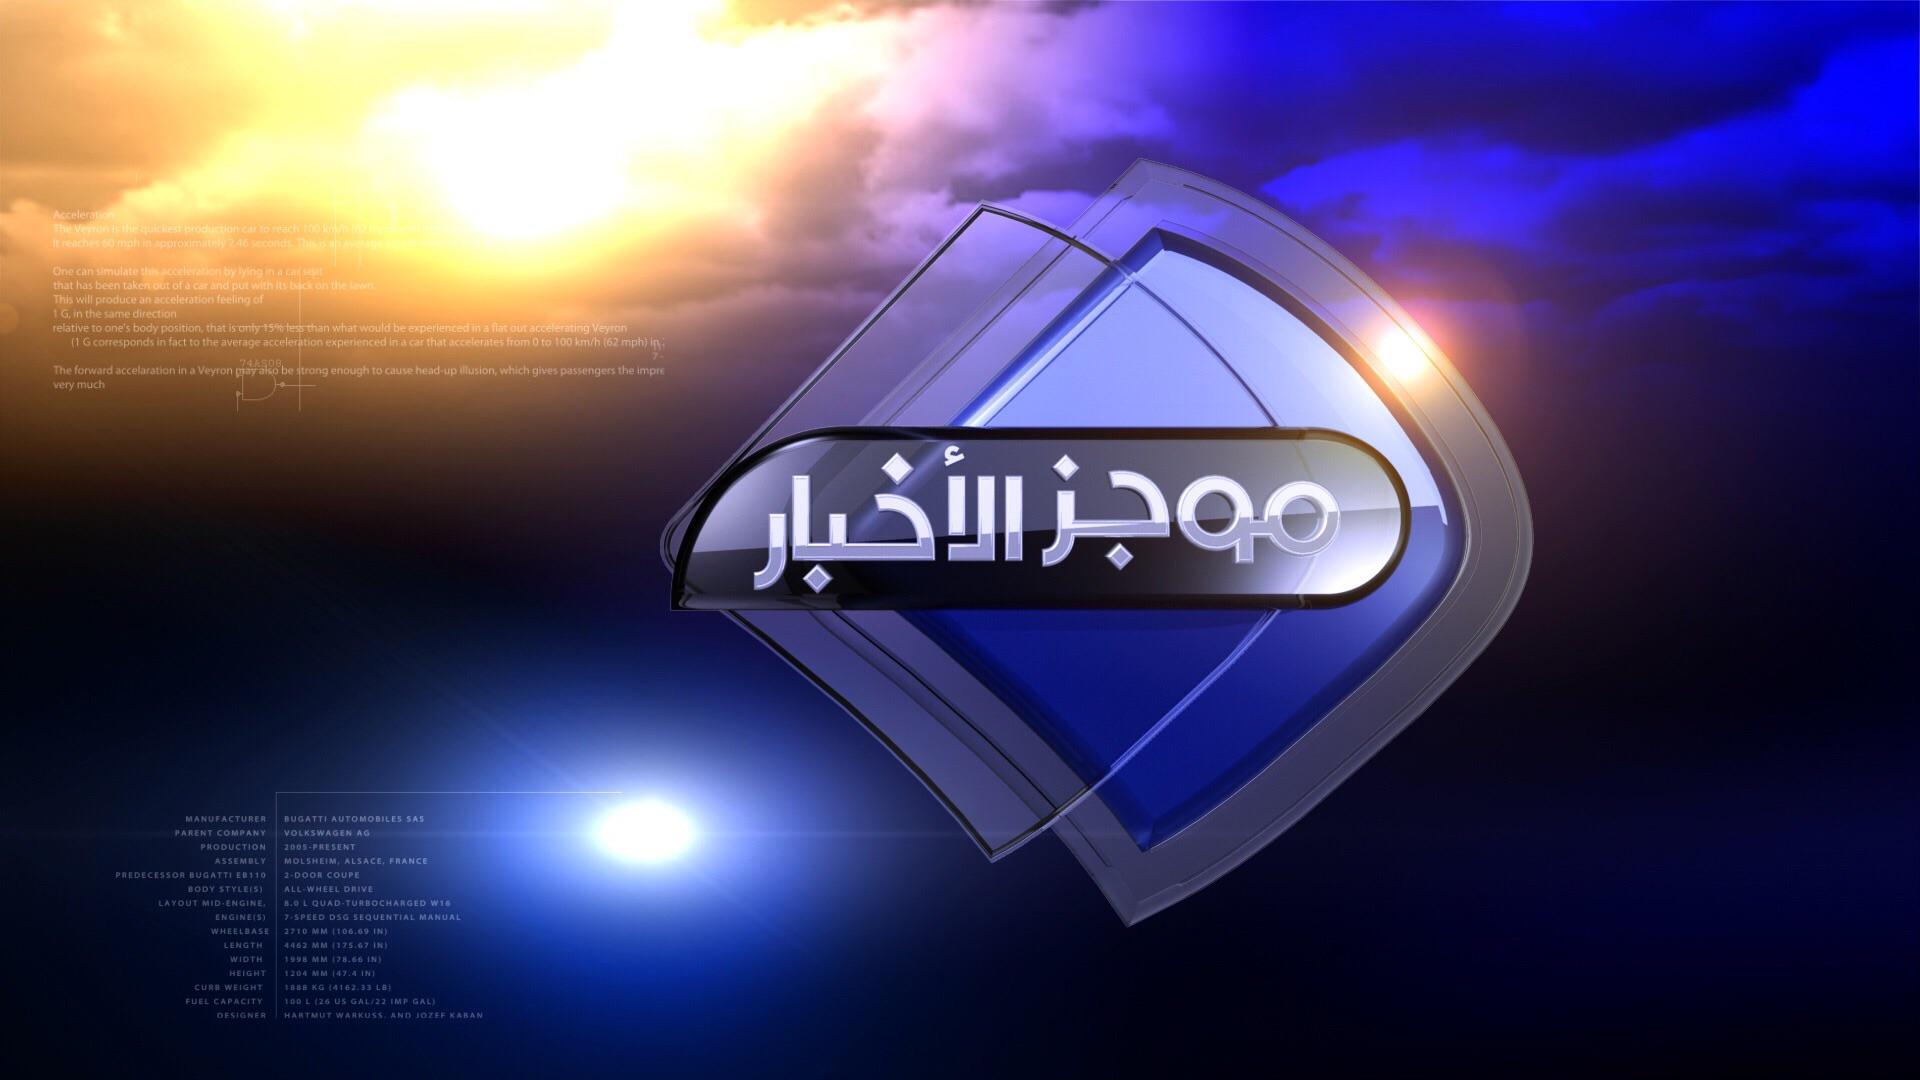 موجز أهم أخبار مصر اليوم الجمعة 12-10-2018